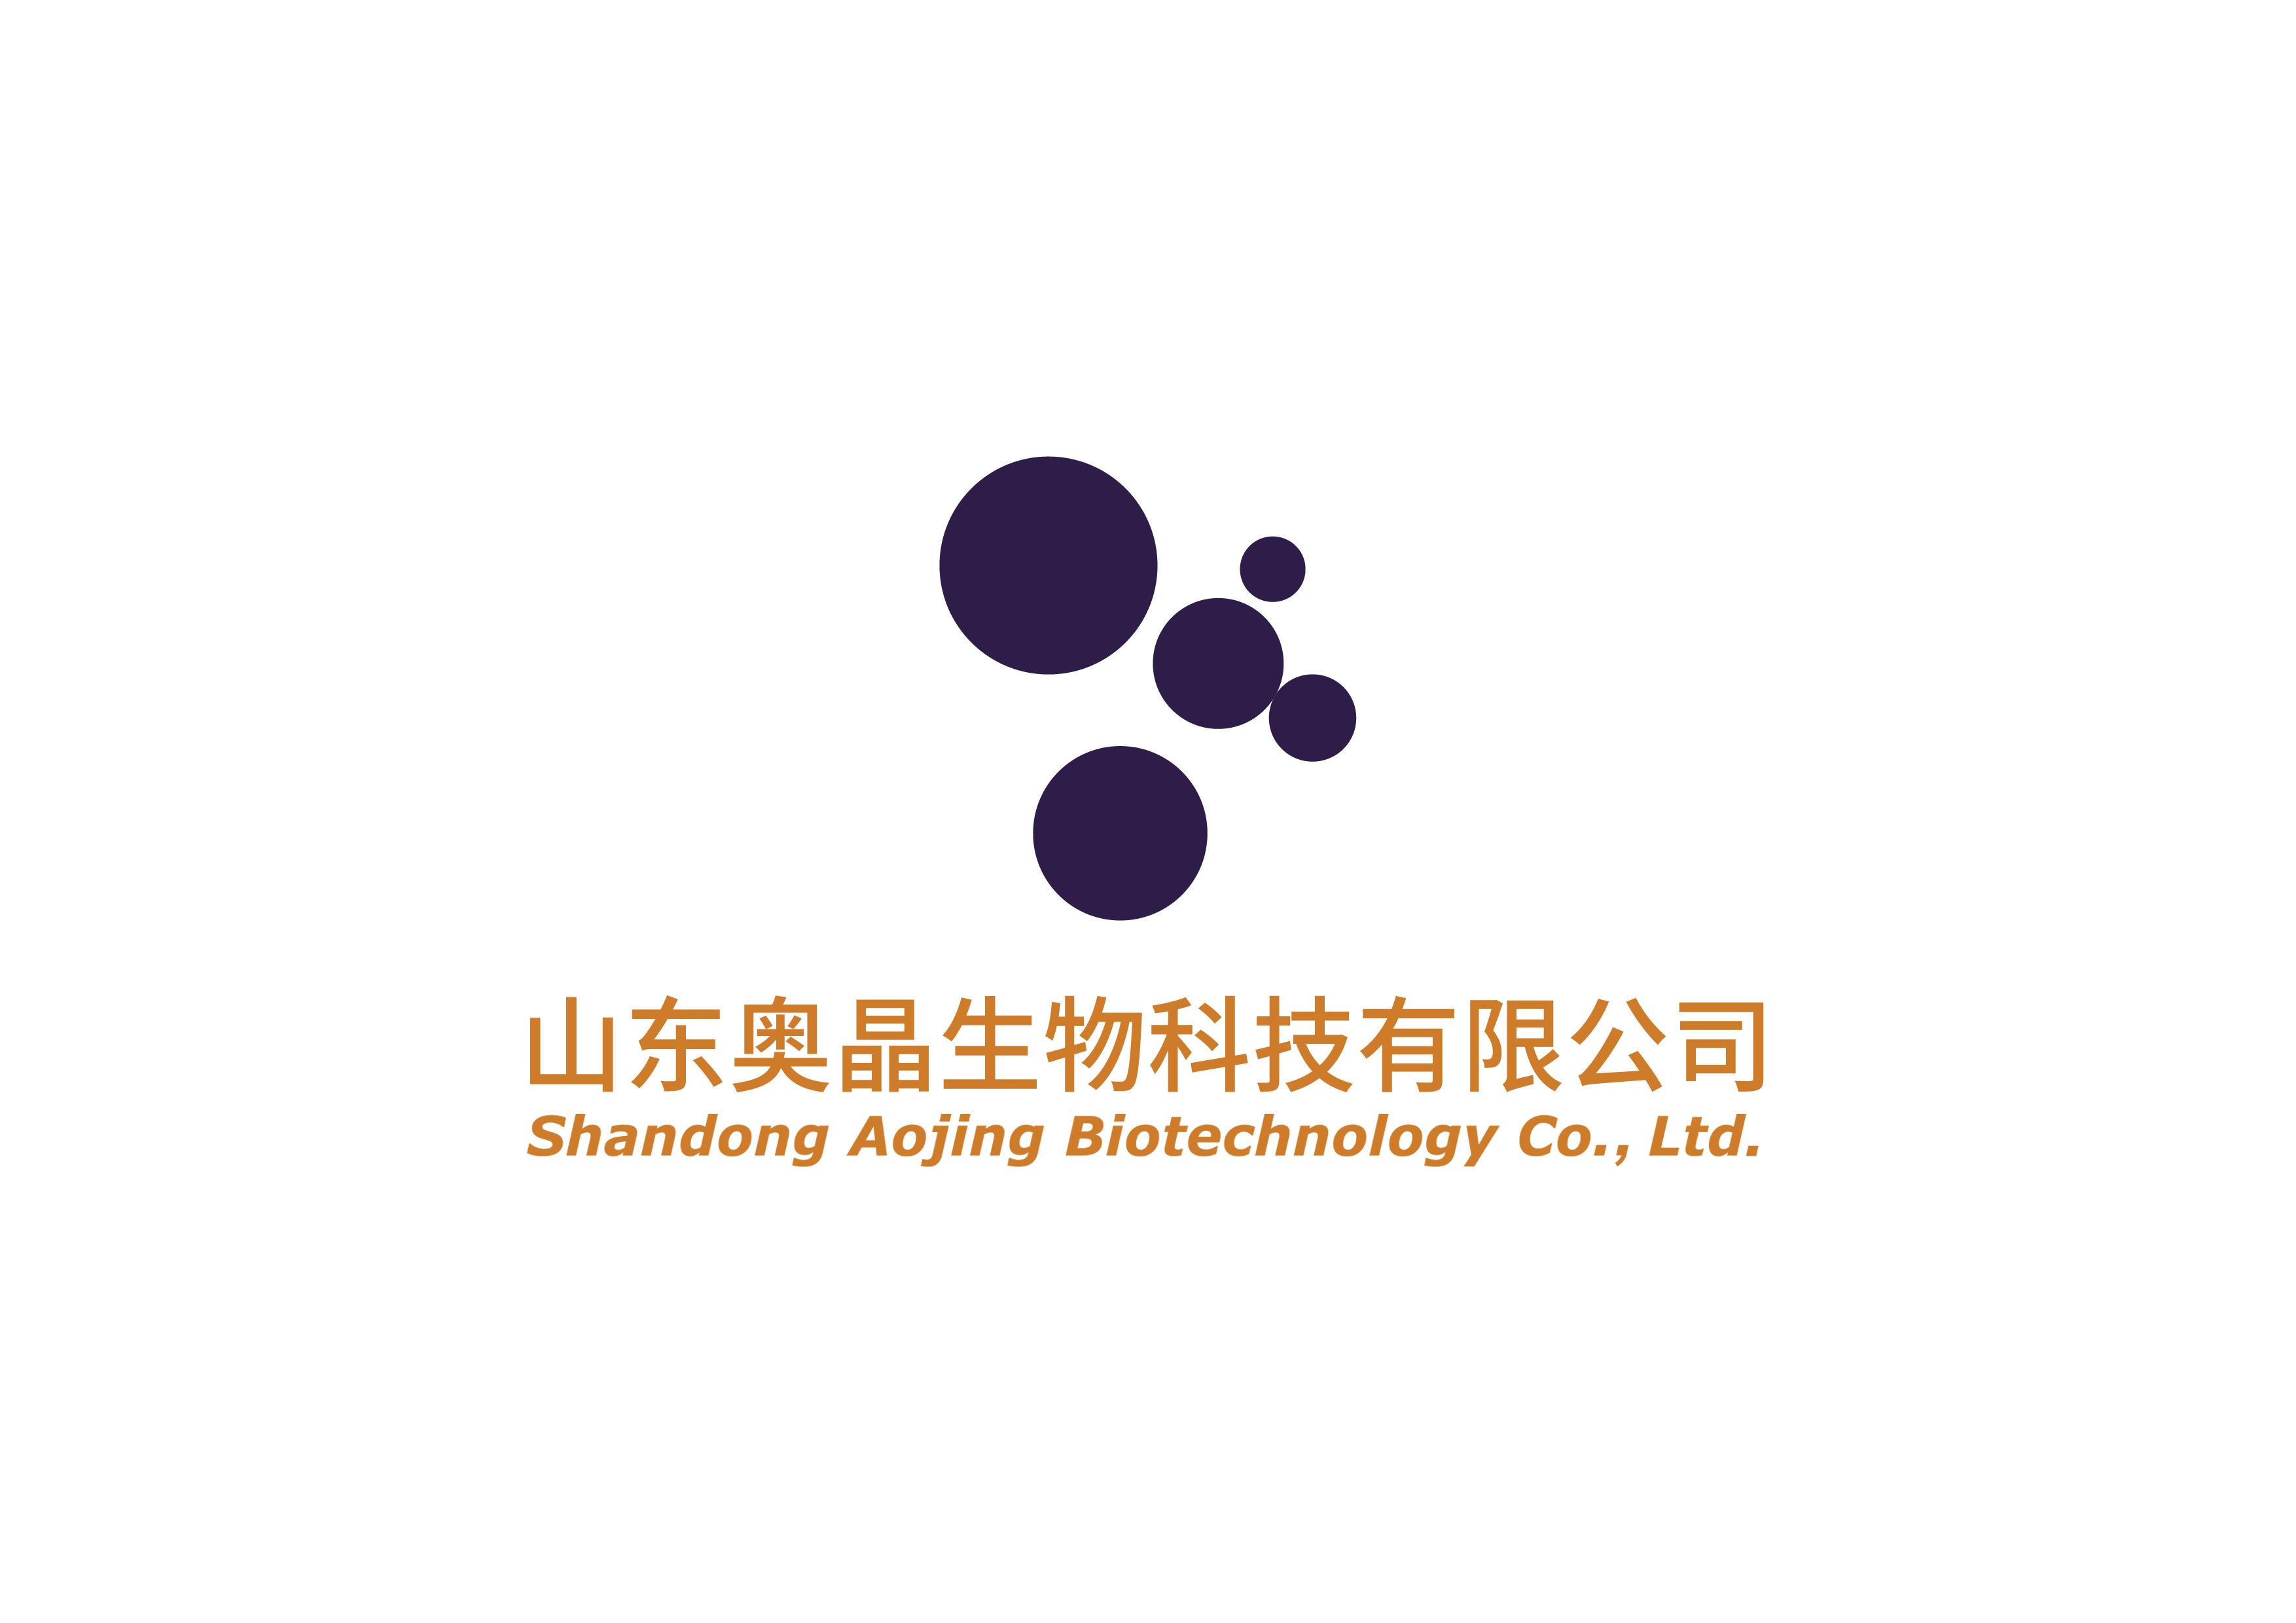 山东奥晶生物科技有限公司